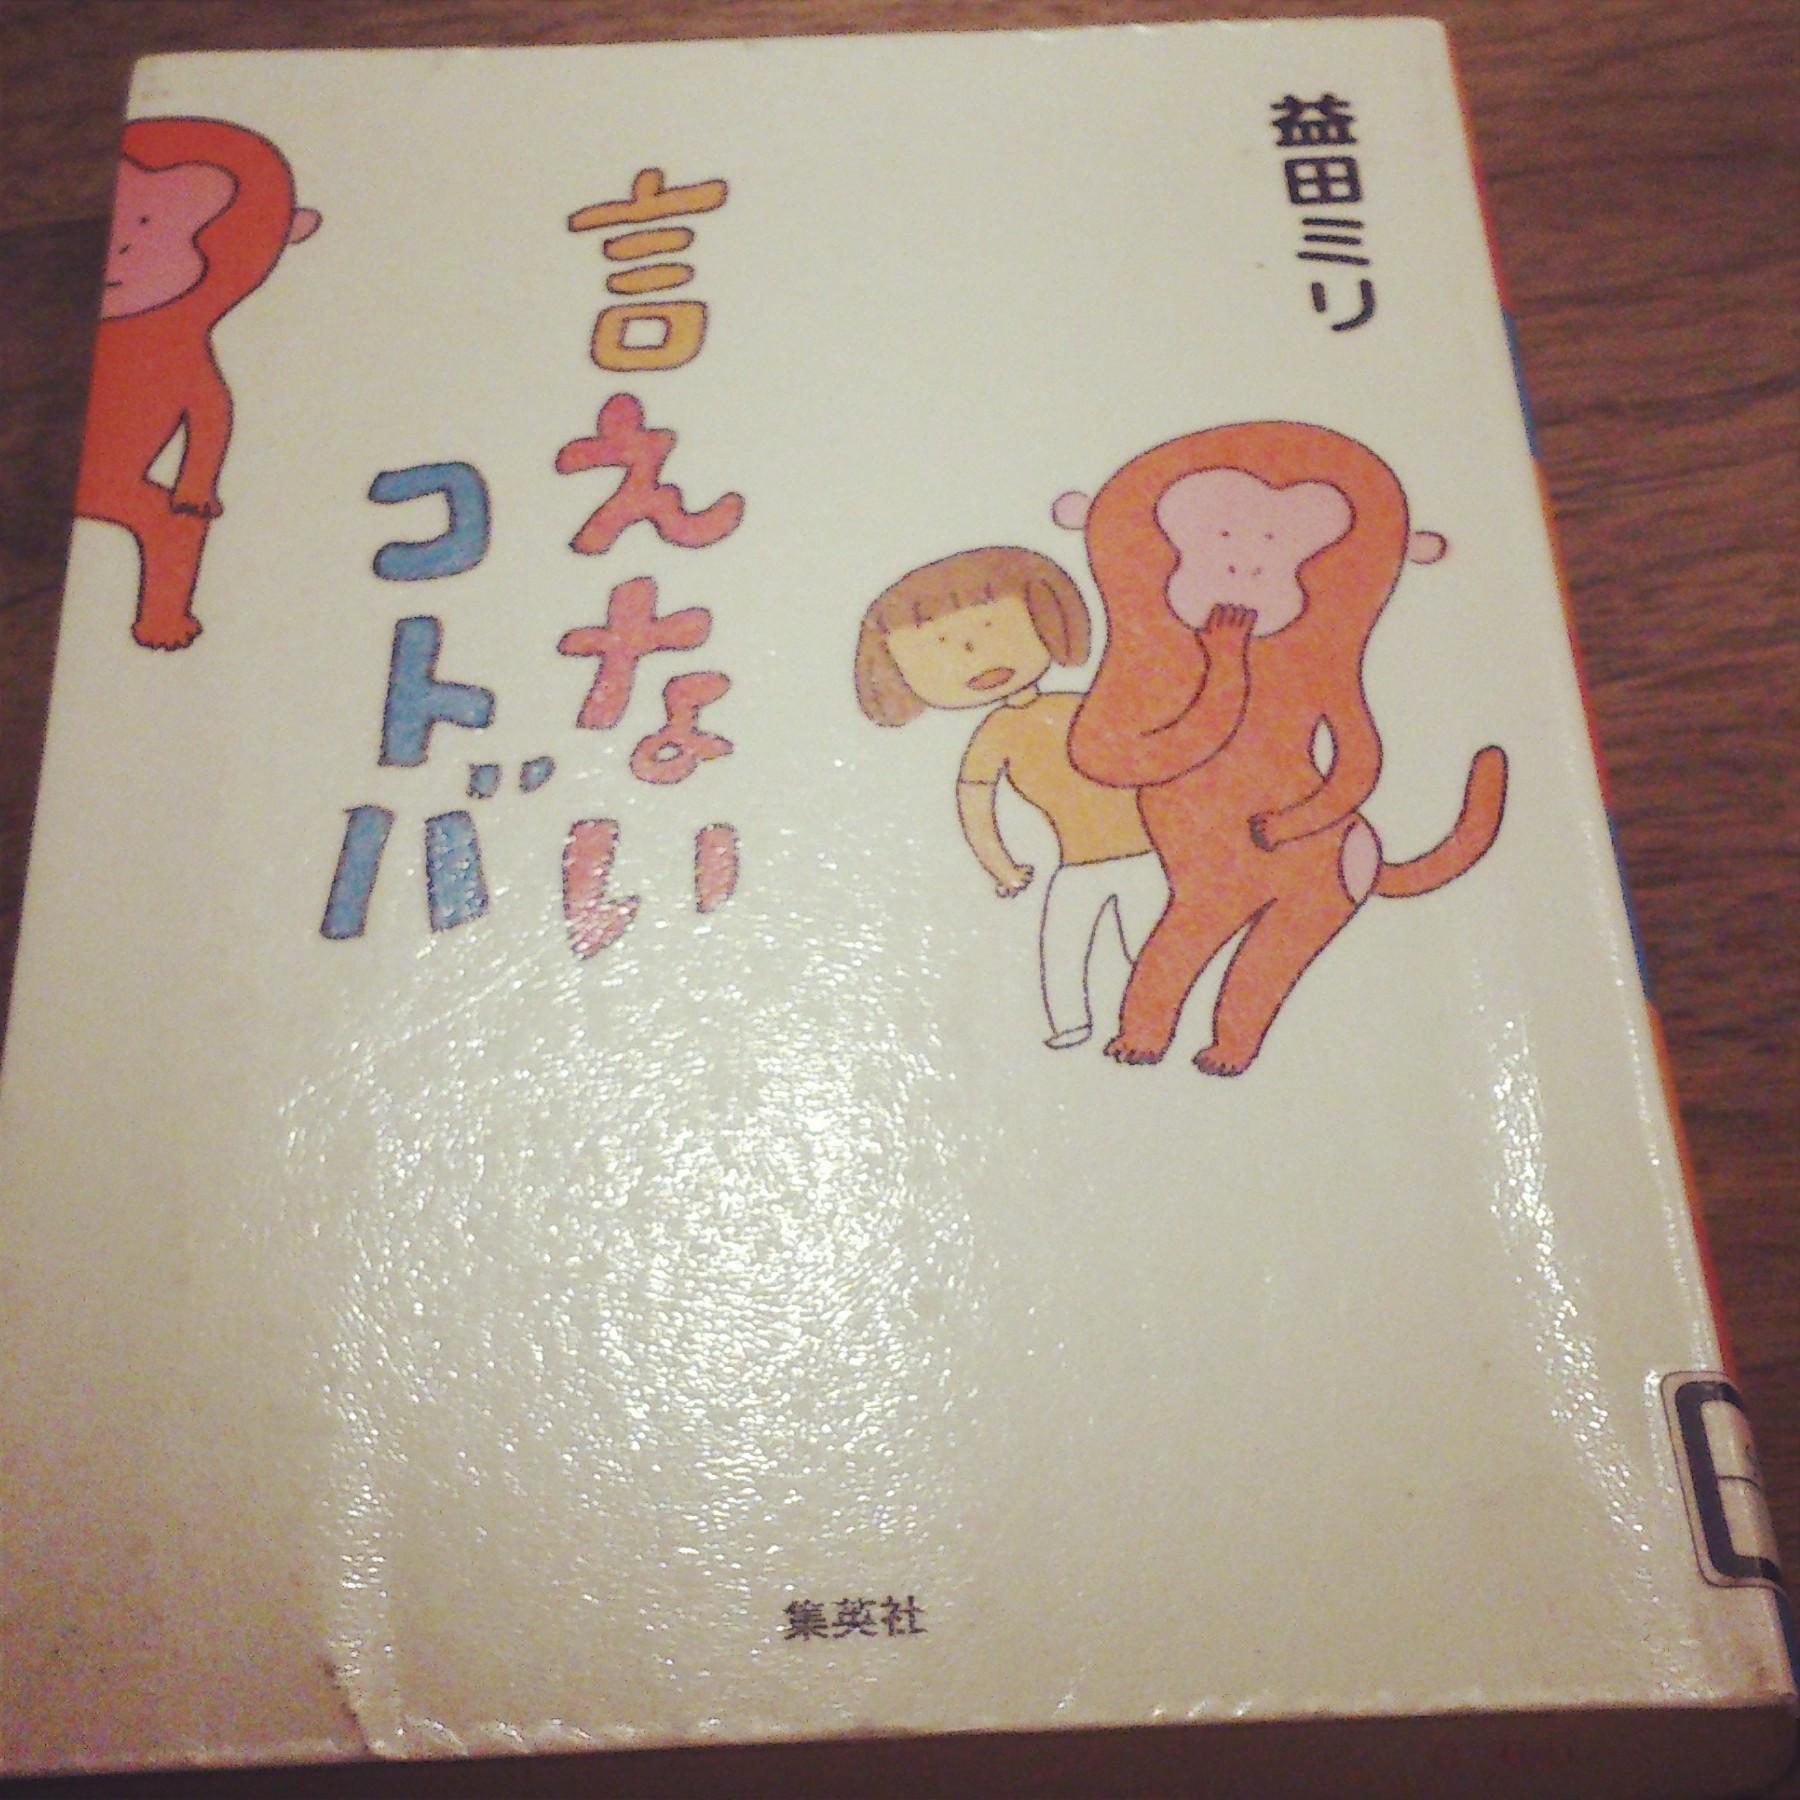 益田ミリさんの言えないコトバを読んで